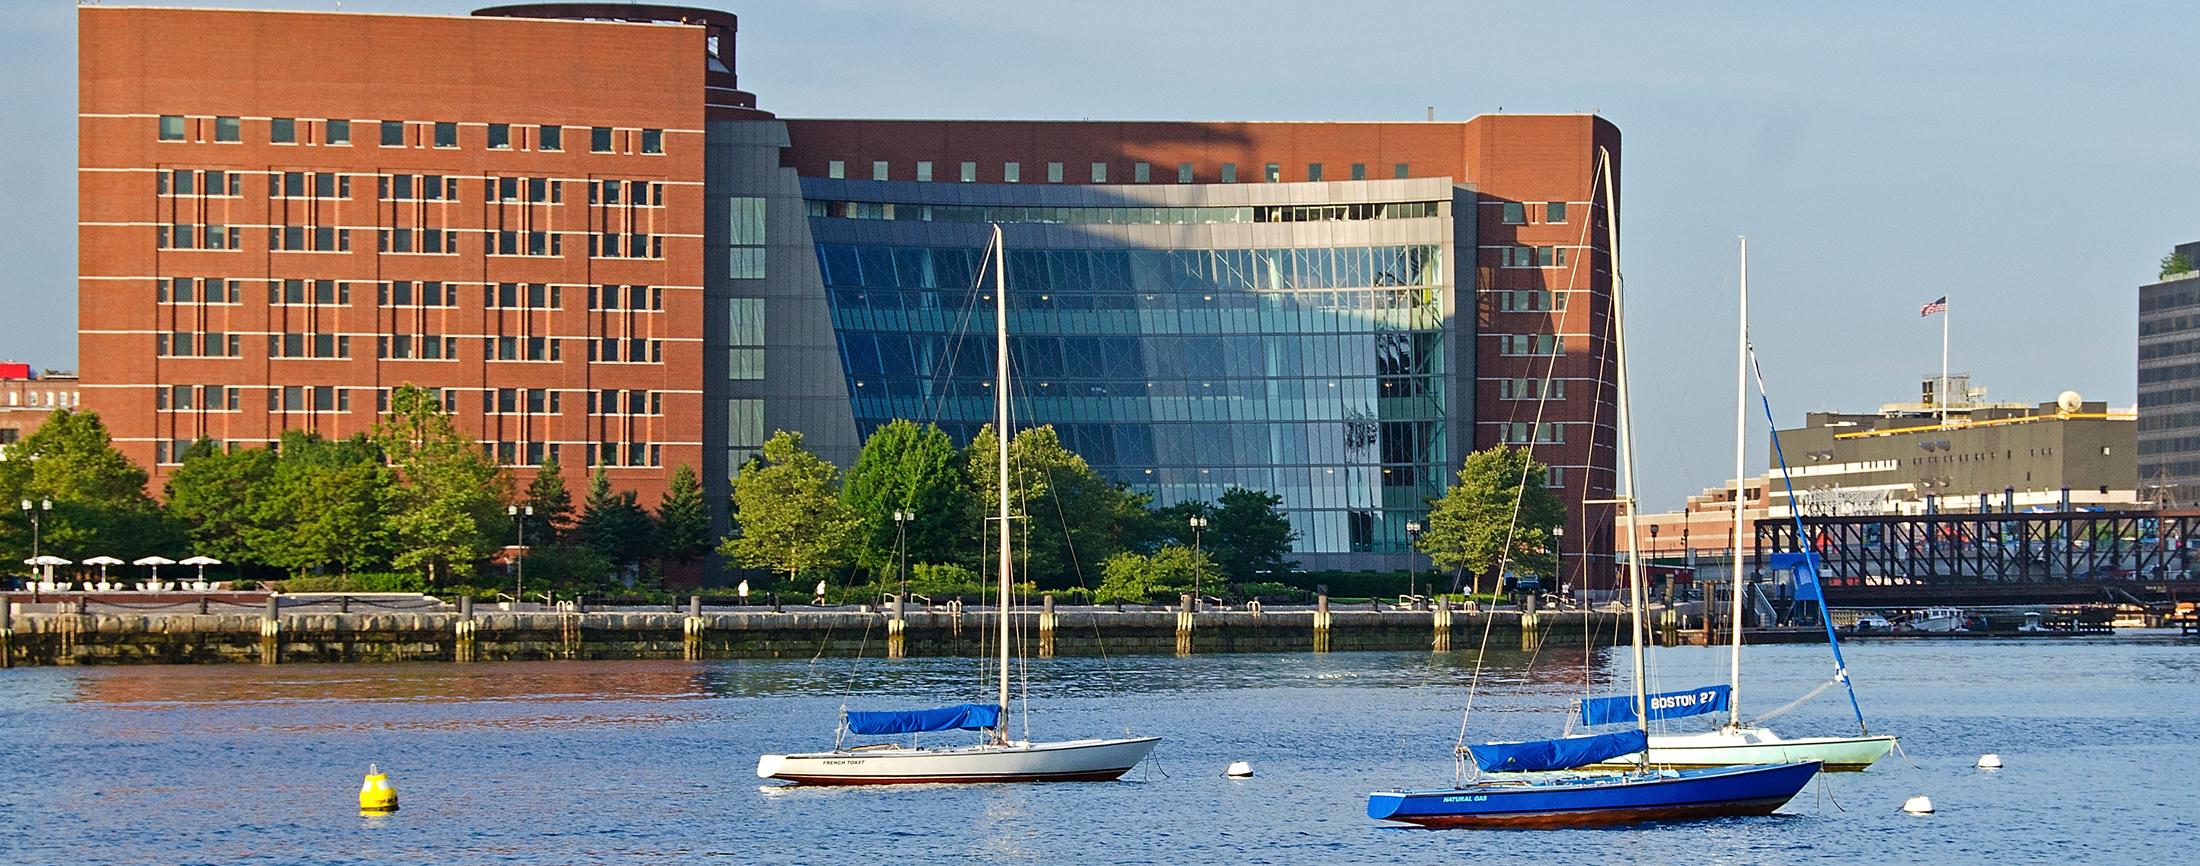 South Boston Waterfront Spotlight Series: Fan Pier